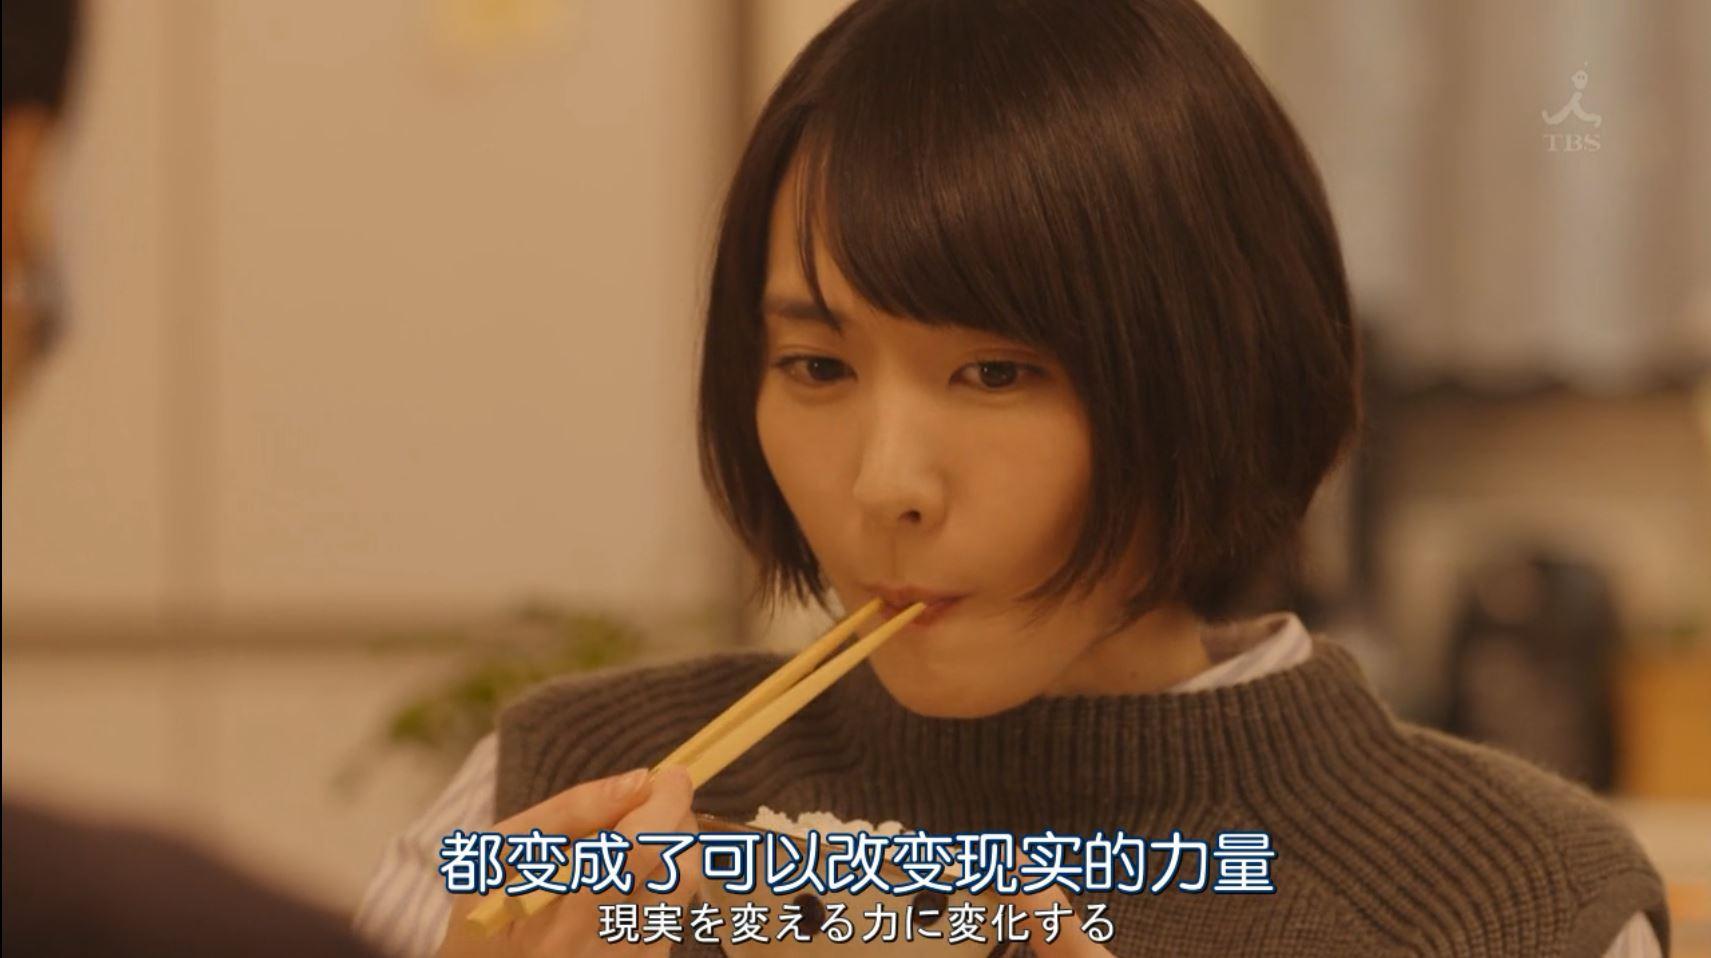 【日语翻配】[初级] 161214 逃避可耻但有用 ——01